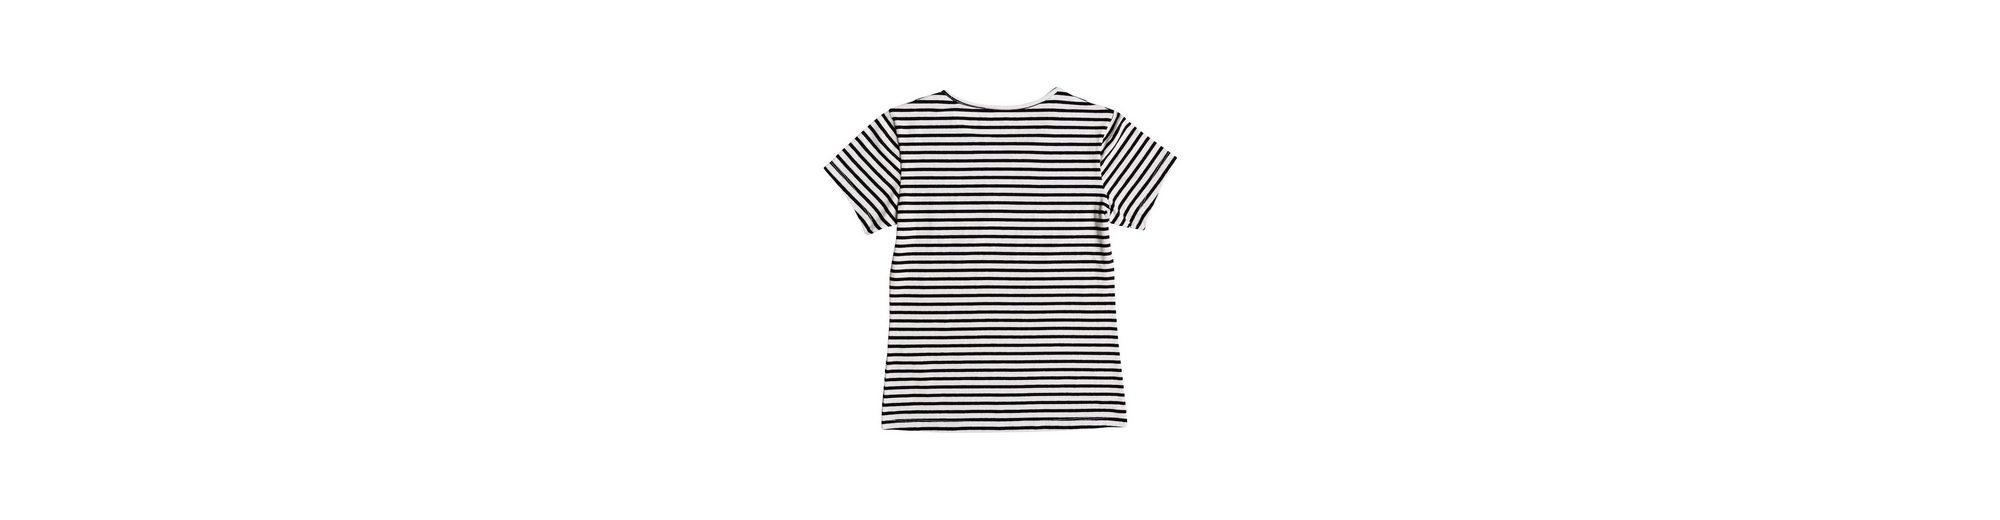 Roxy T-Shirt Taffy Crab Patches Große Auswahl An Günstigem Preis Steckdose Breite Palette Von Verkauf Niedrig Versandkosten pcpZGZVLZ6